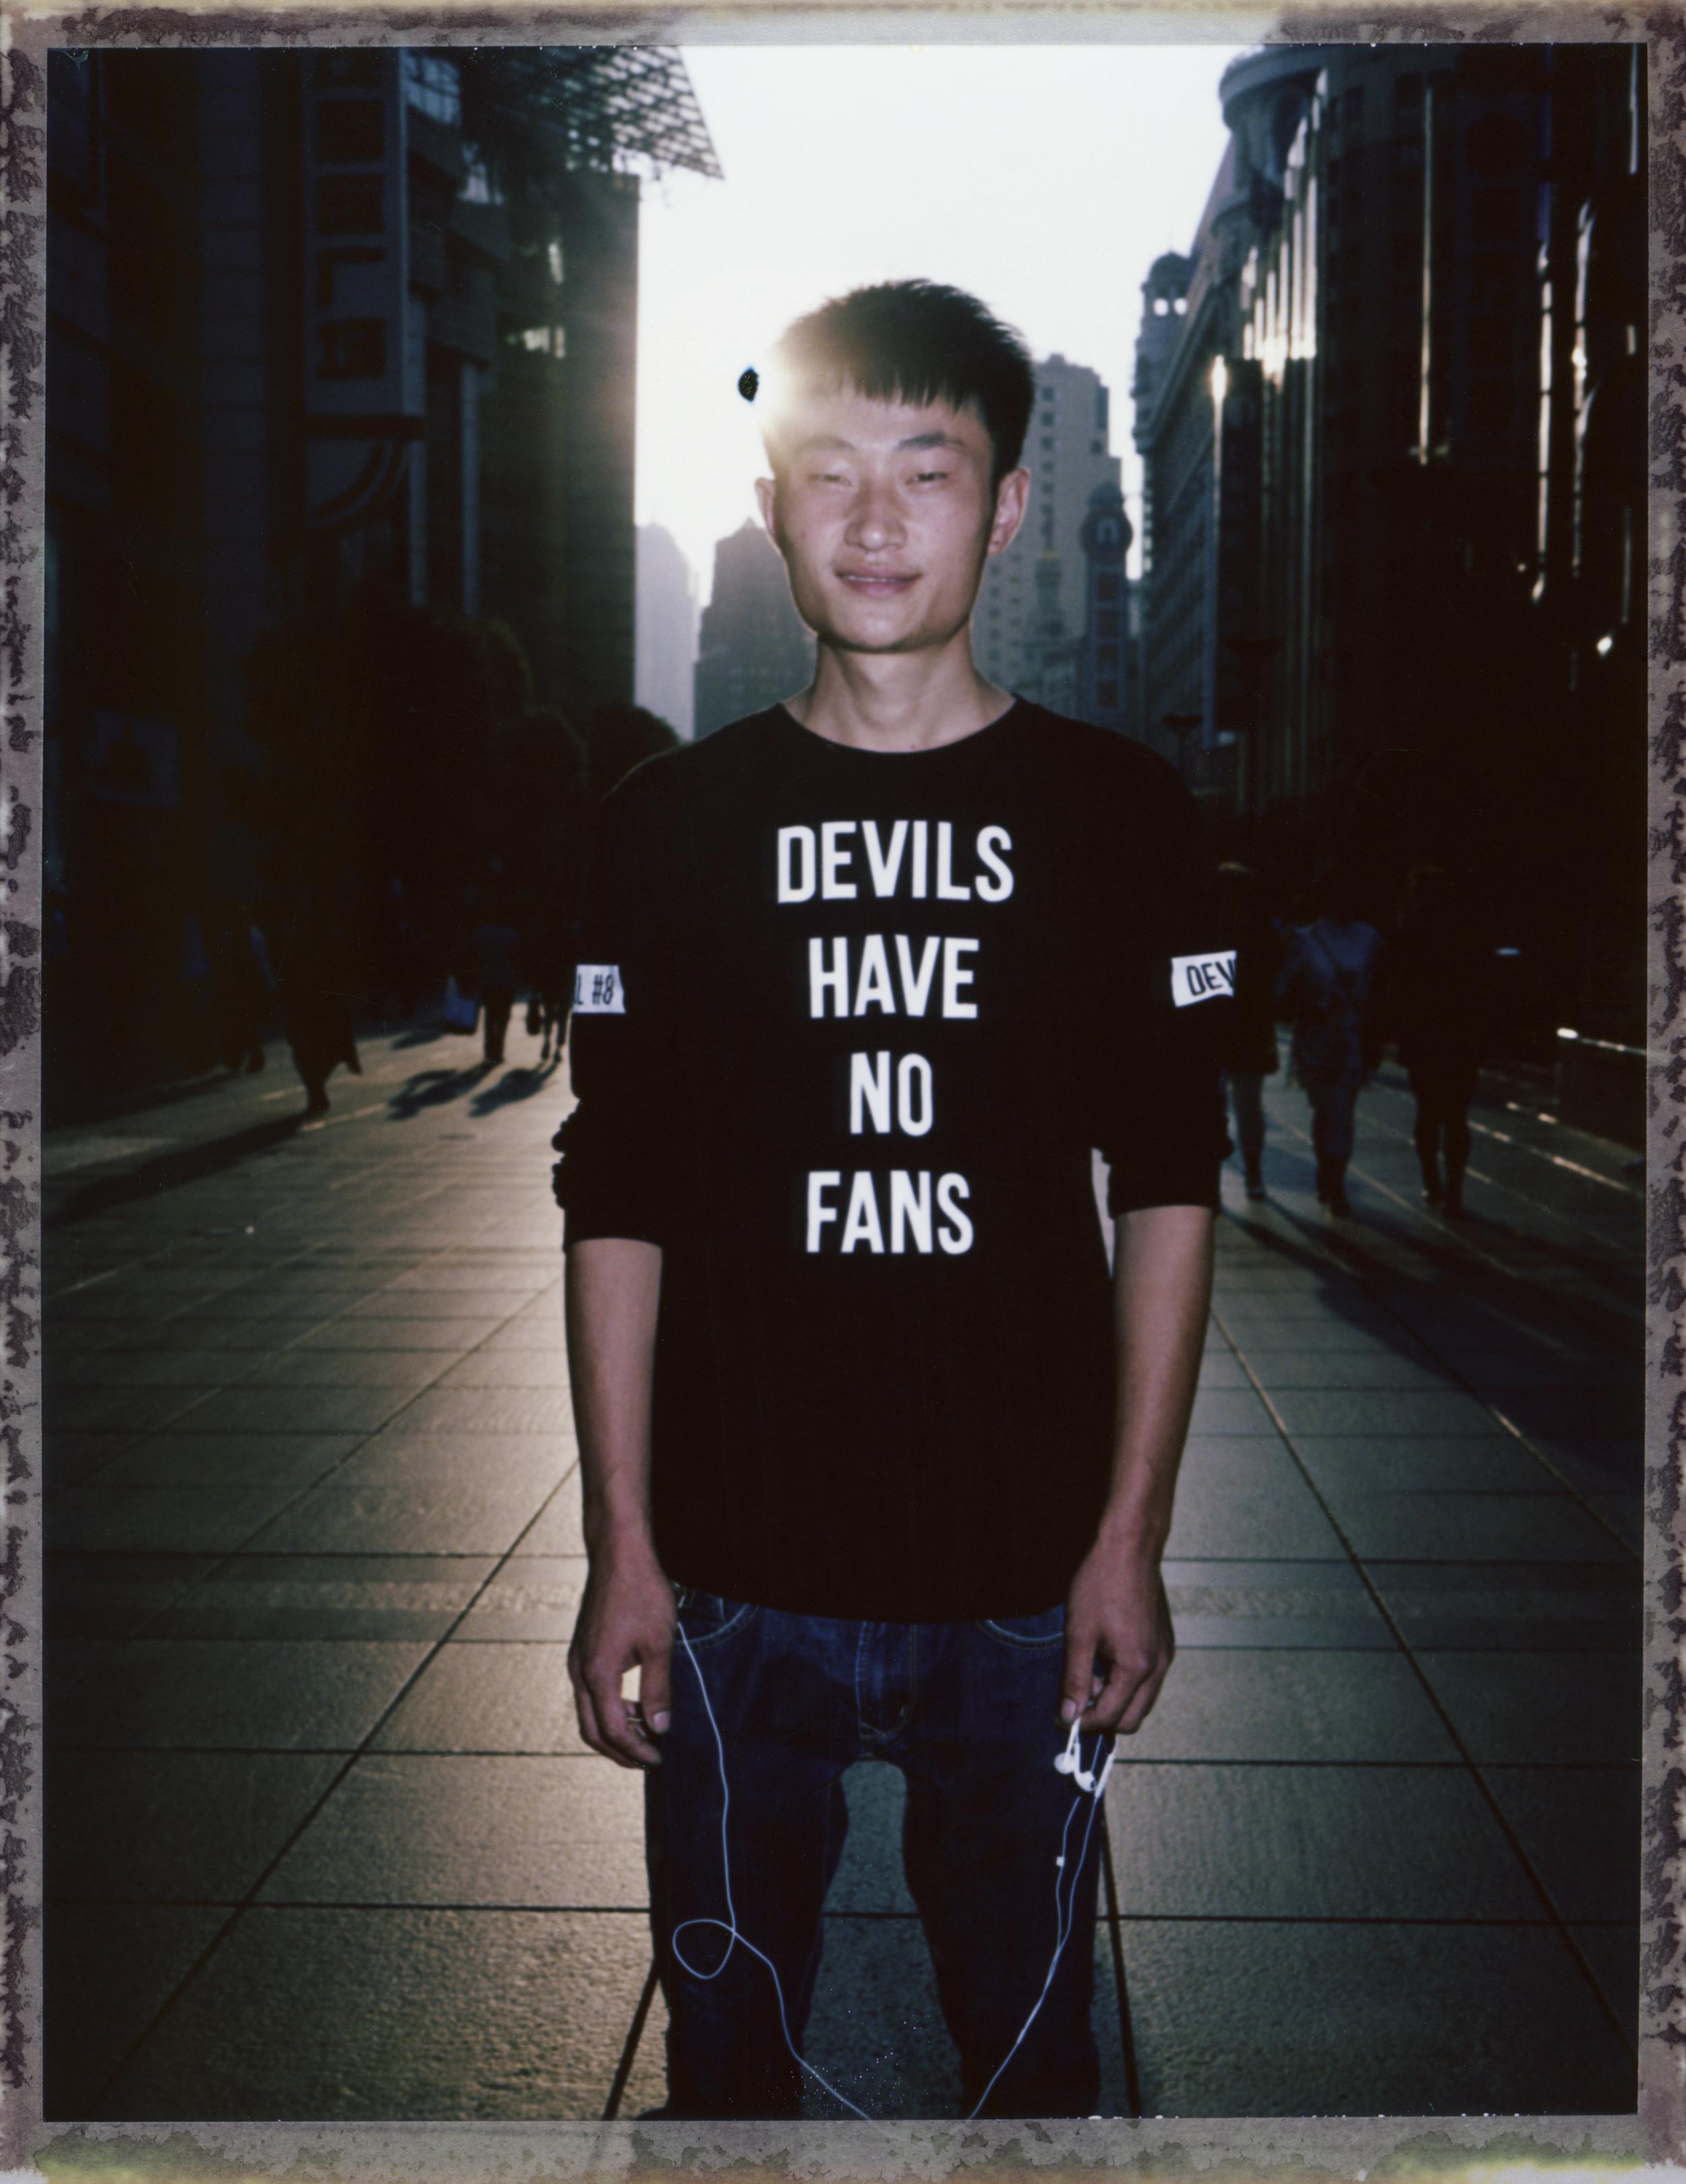 Devils have no fans.jpg